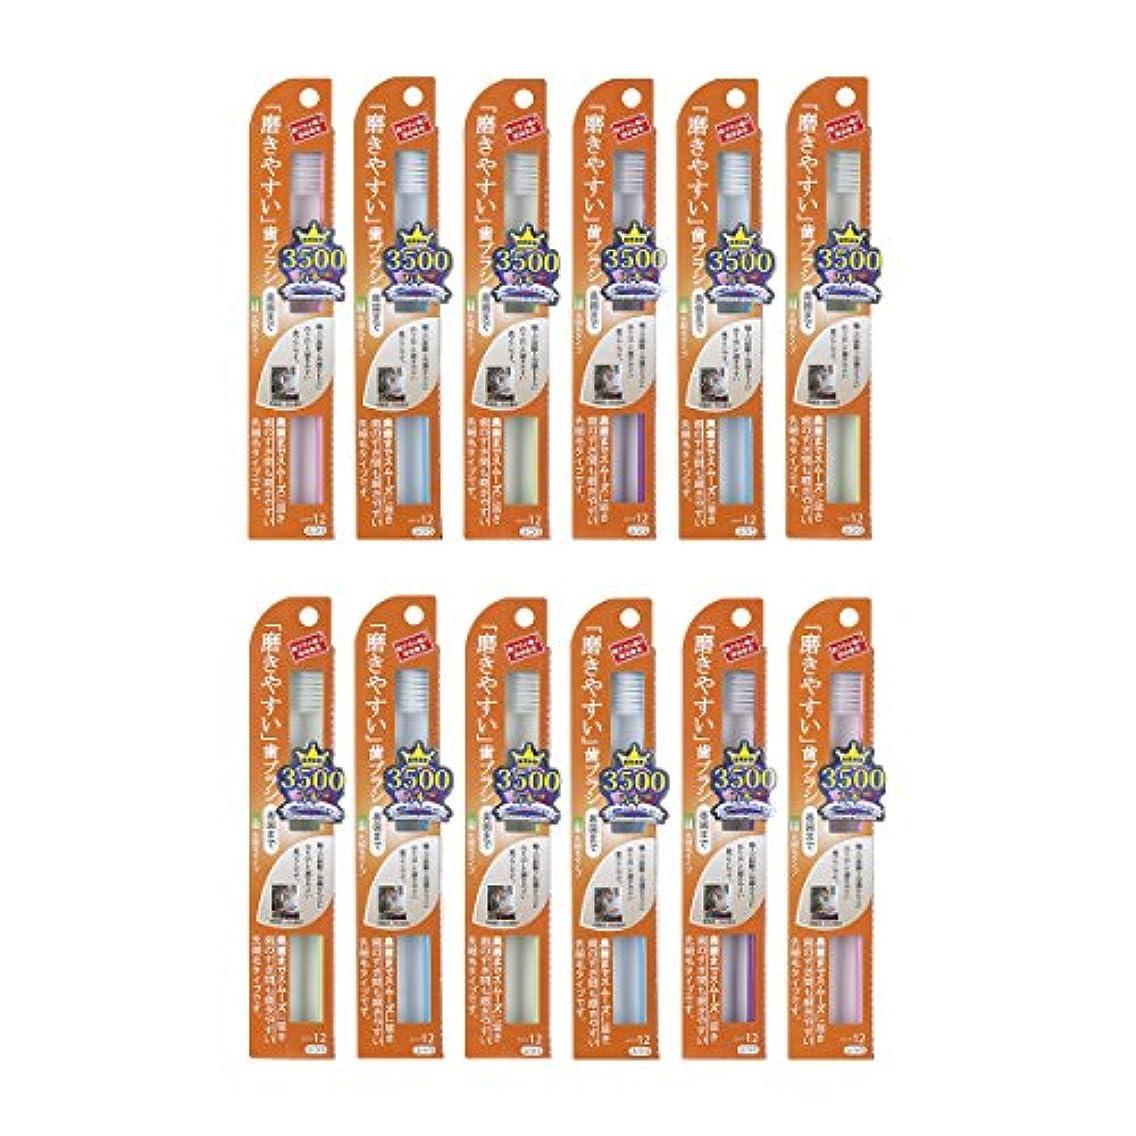 コントローラ基礎理論寄り添う歯ブラシ職人Artooth ®田辺重吉 日本製 磨きやすい歯ブラシ(奥歯まで)先細毛タイプ LT-12 (12本パック)